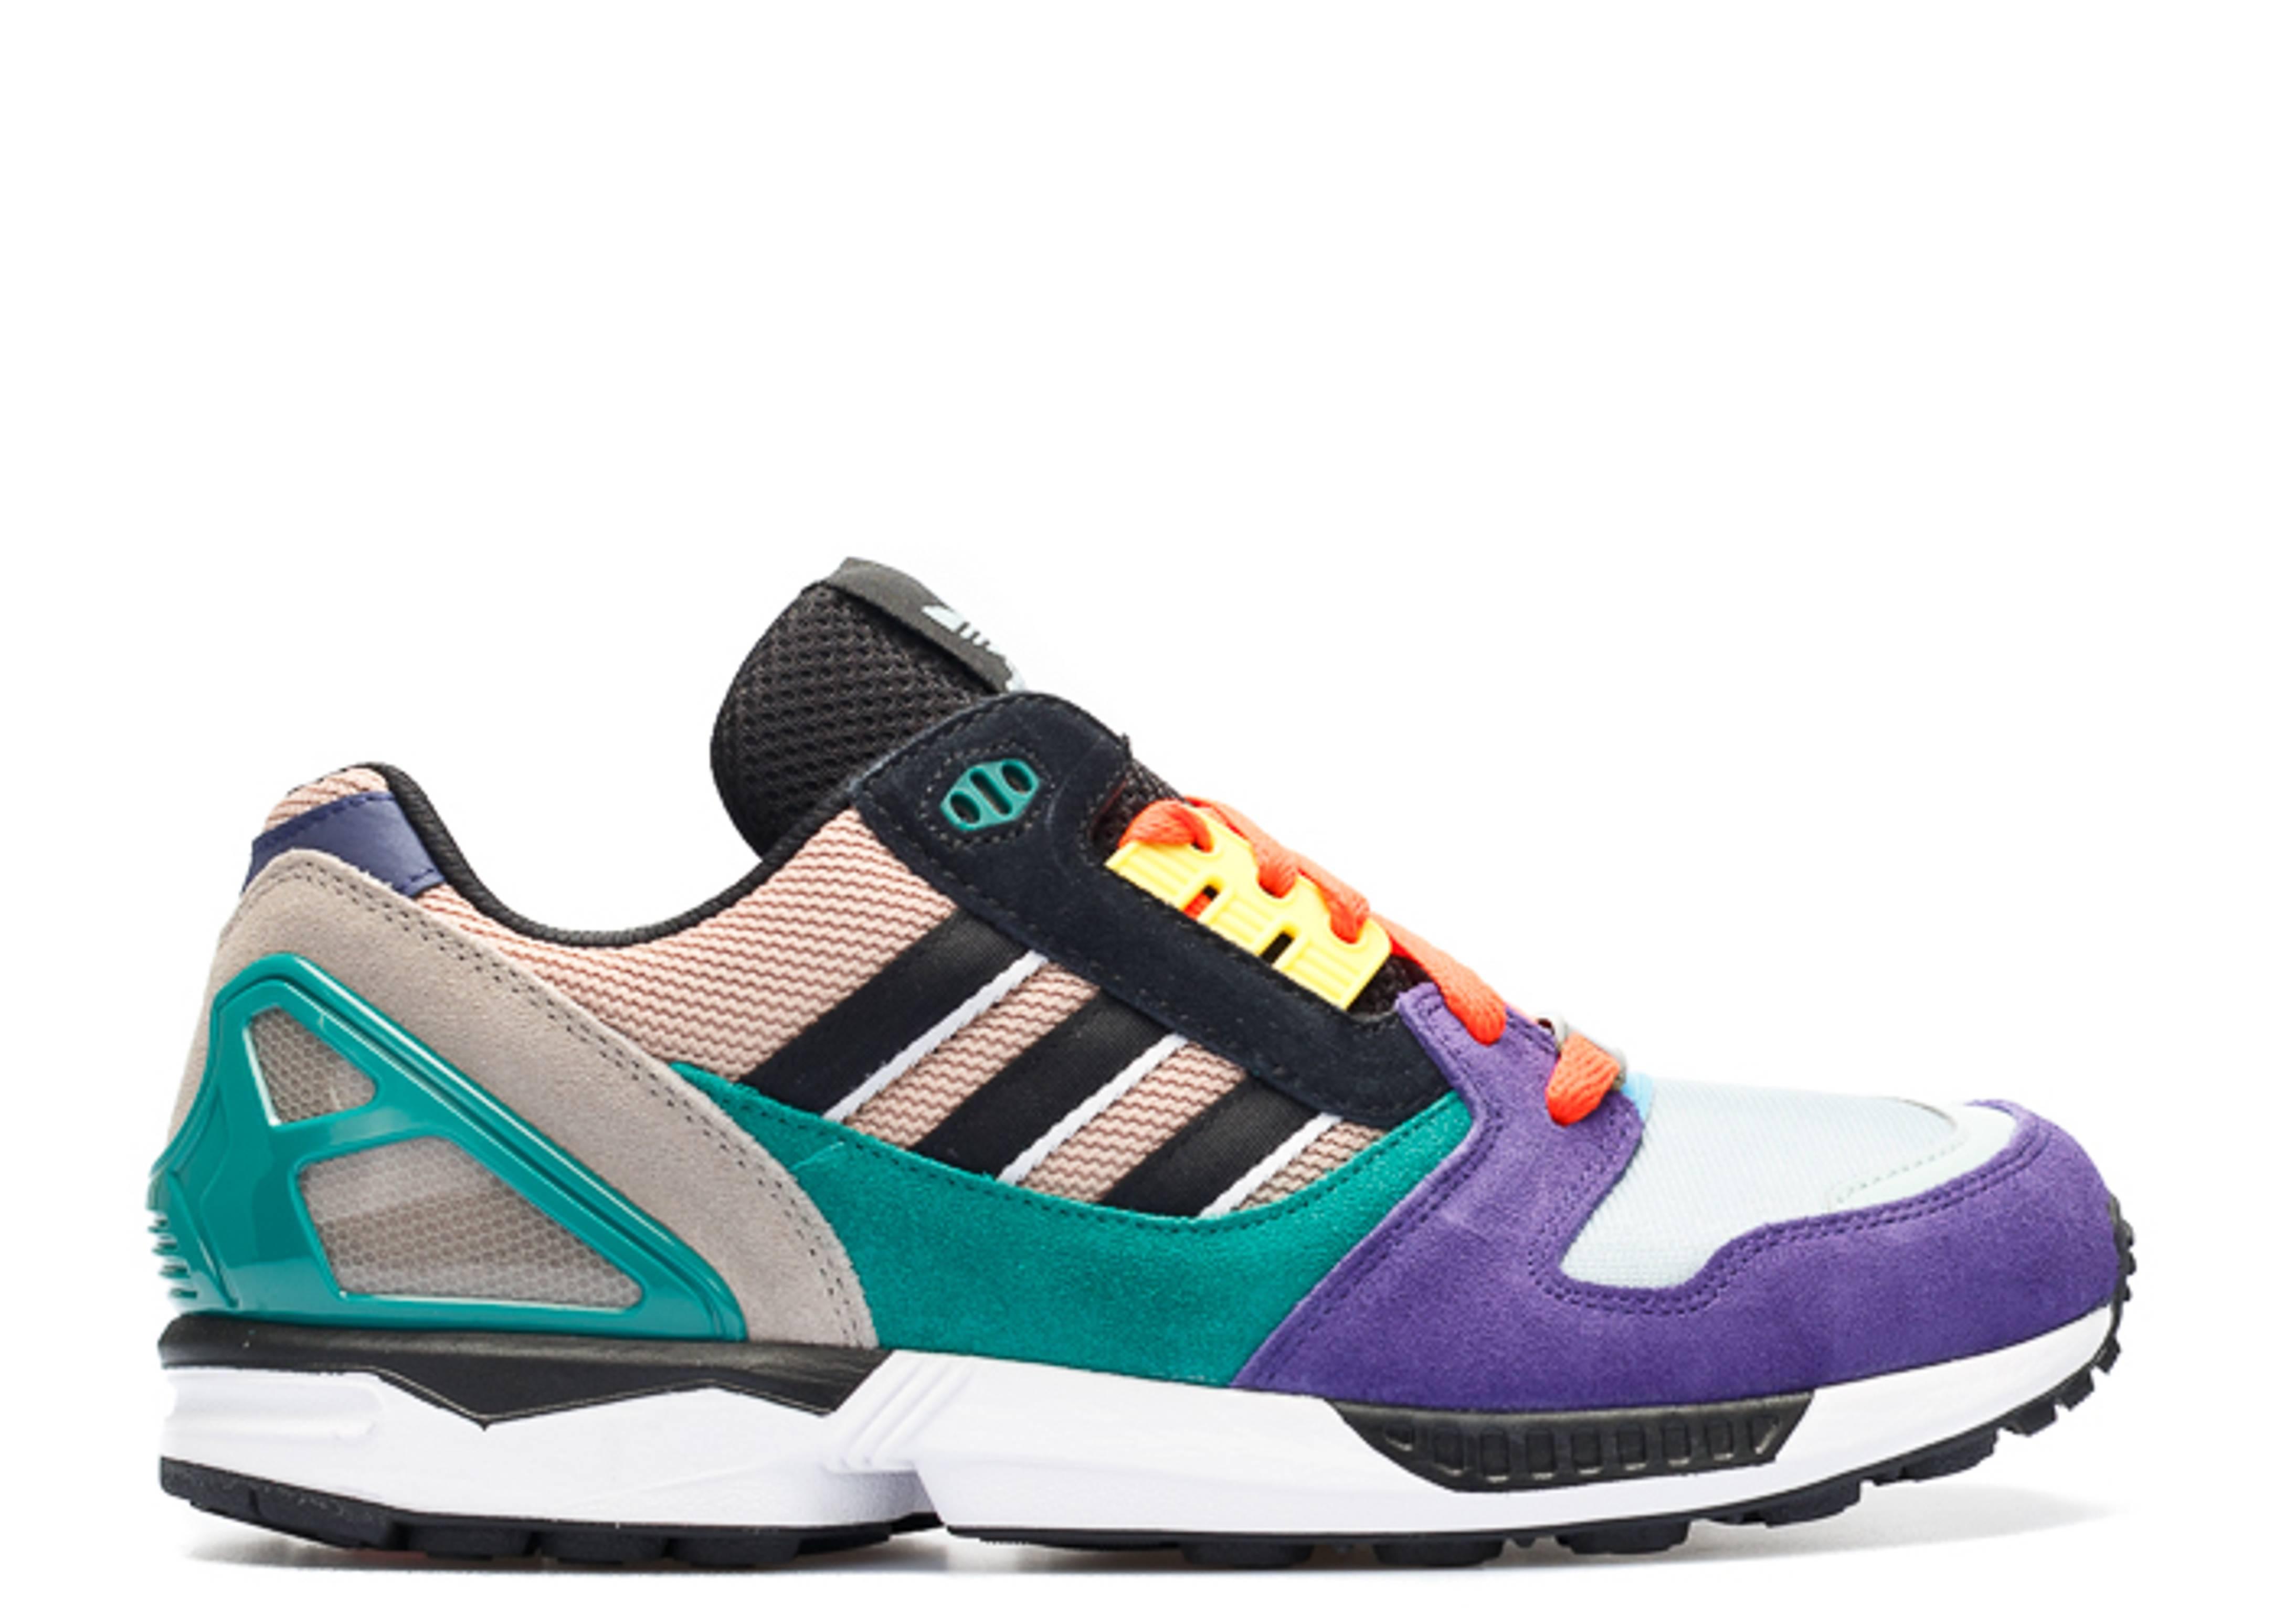 zx 8000 adidas